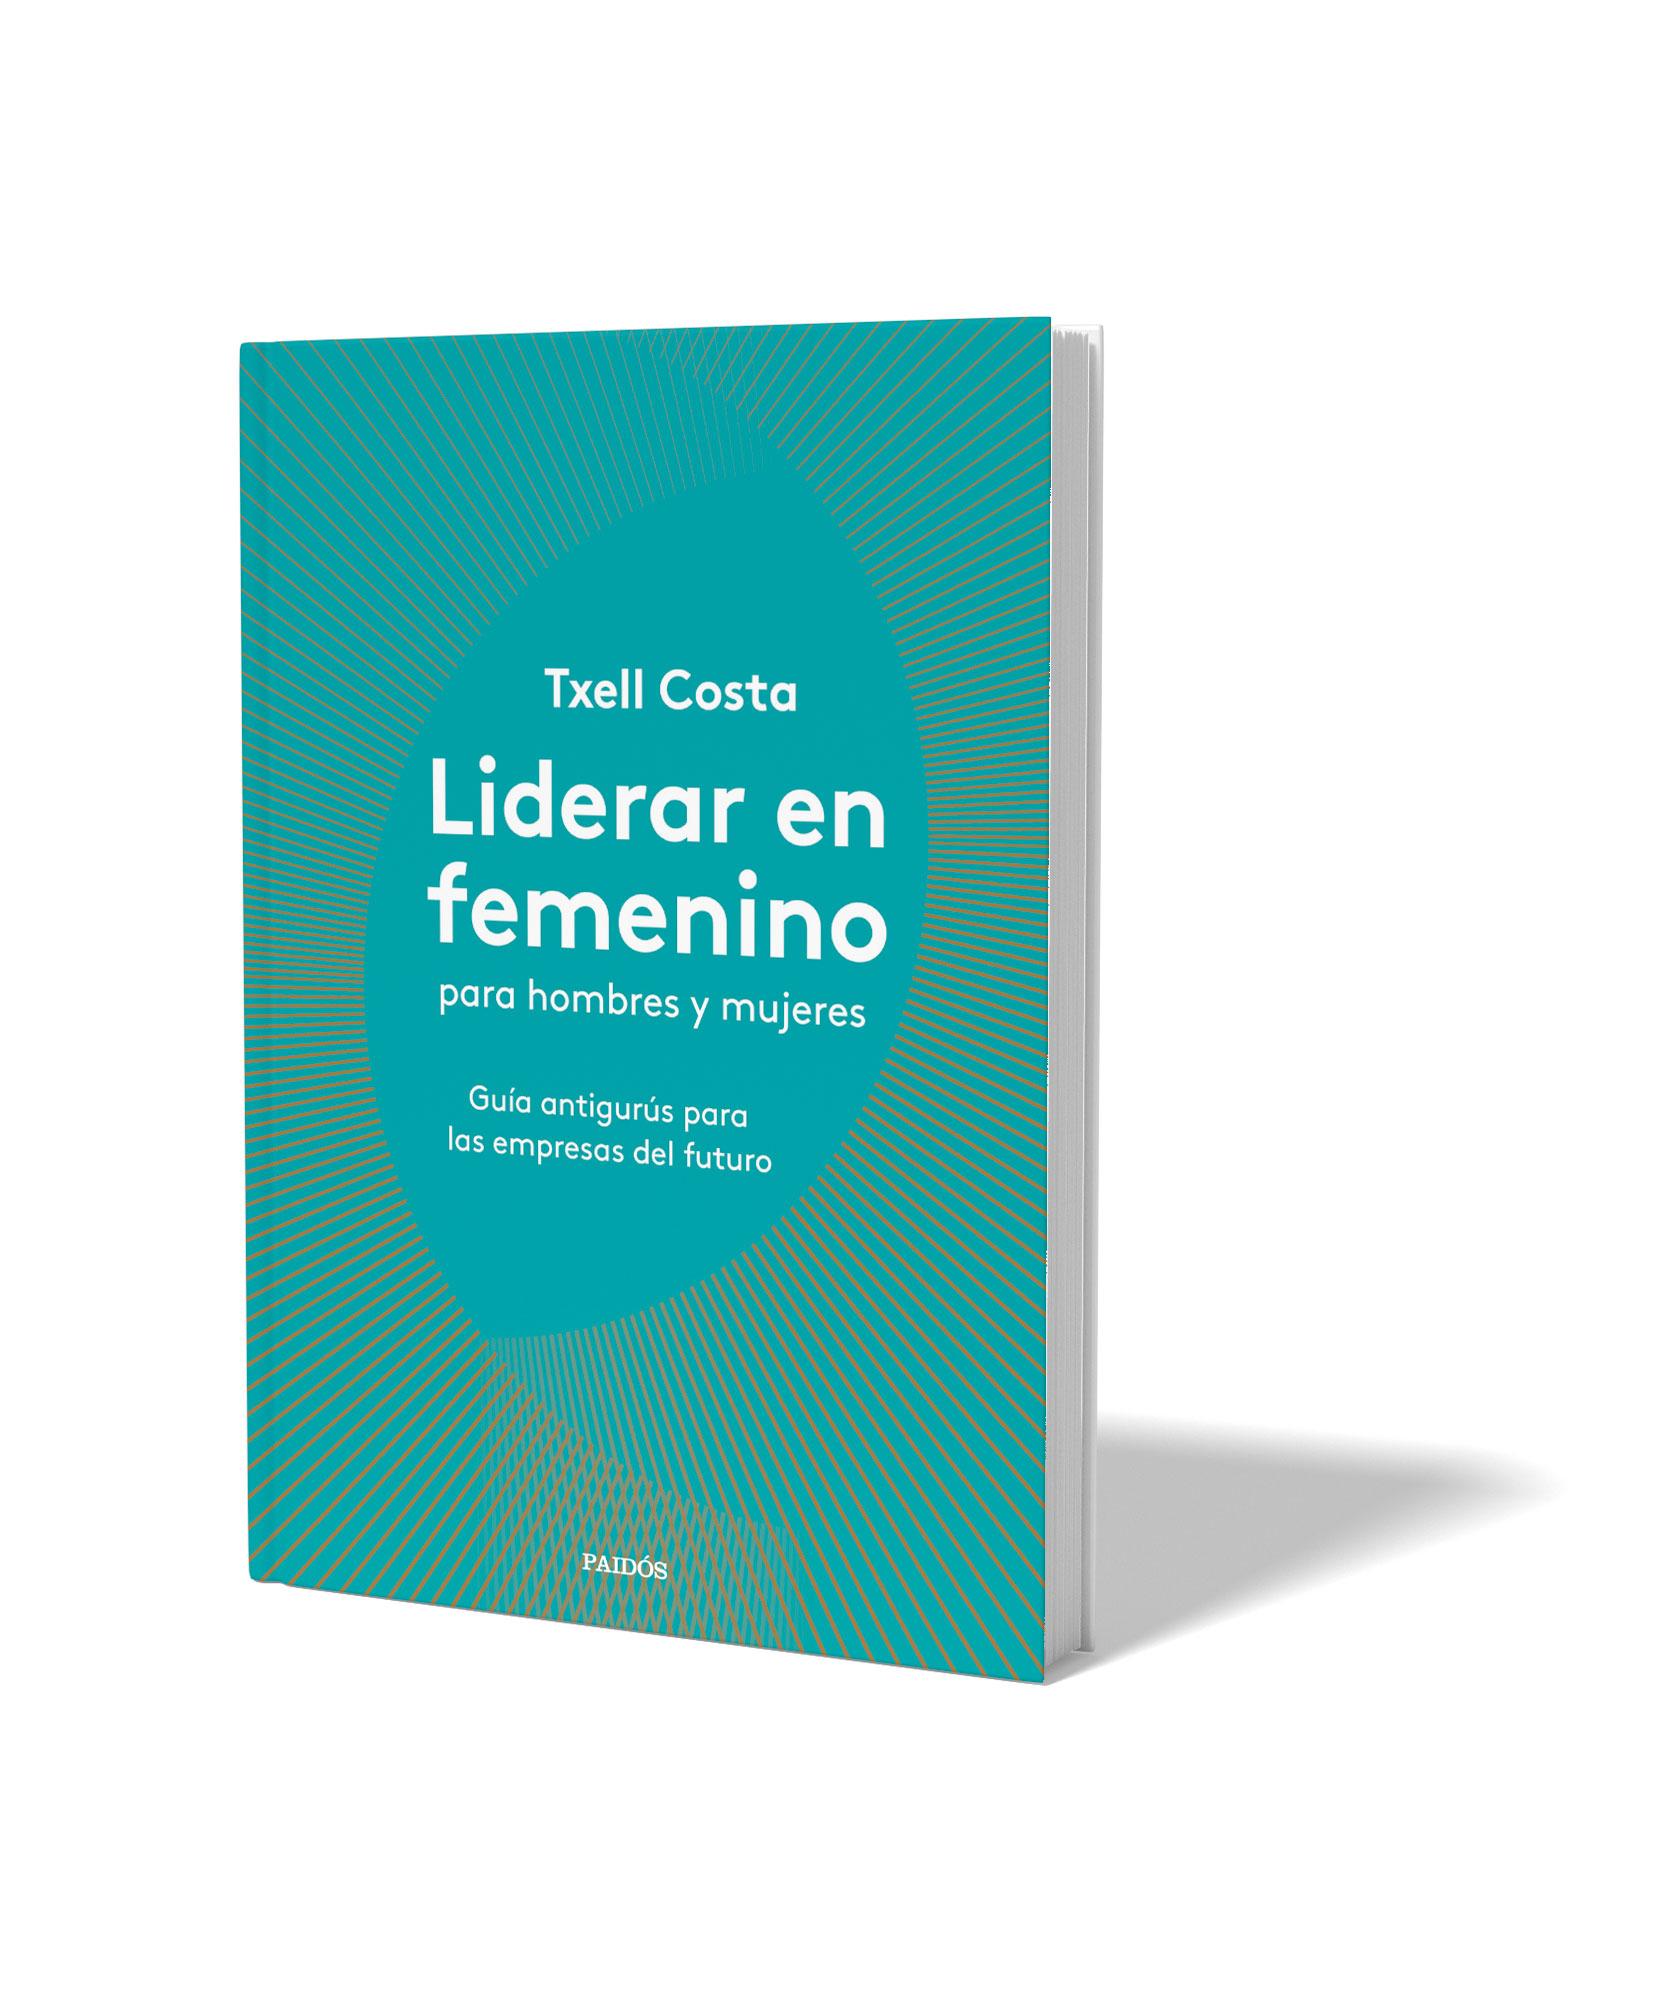 libro_Liderar-en-femenino_Txell-Costa